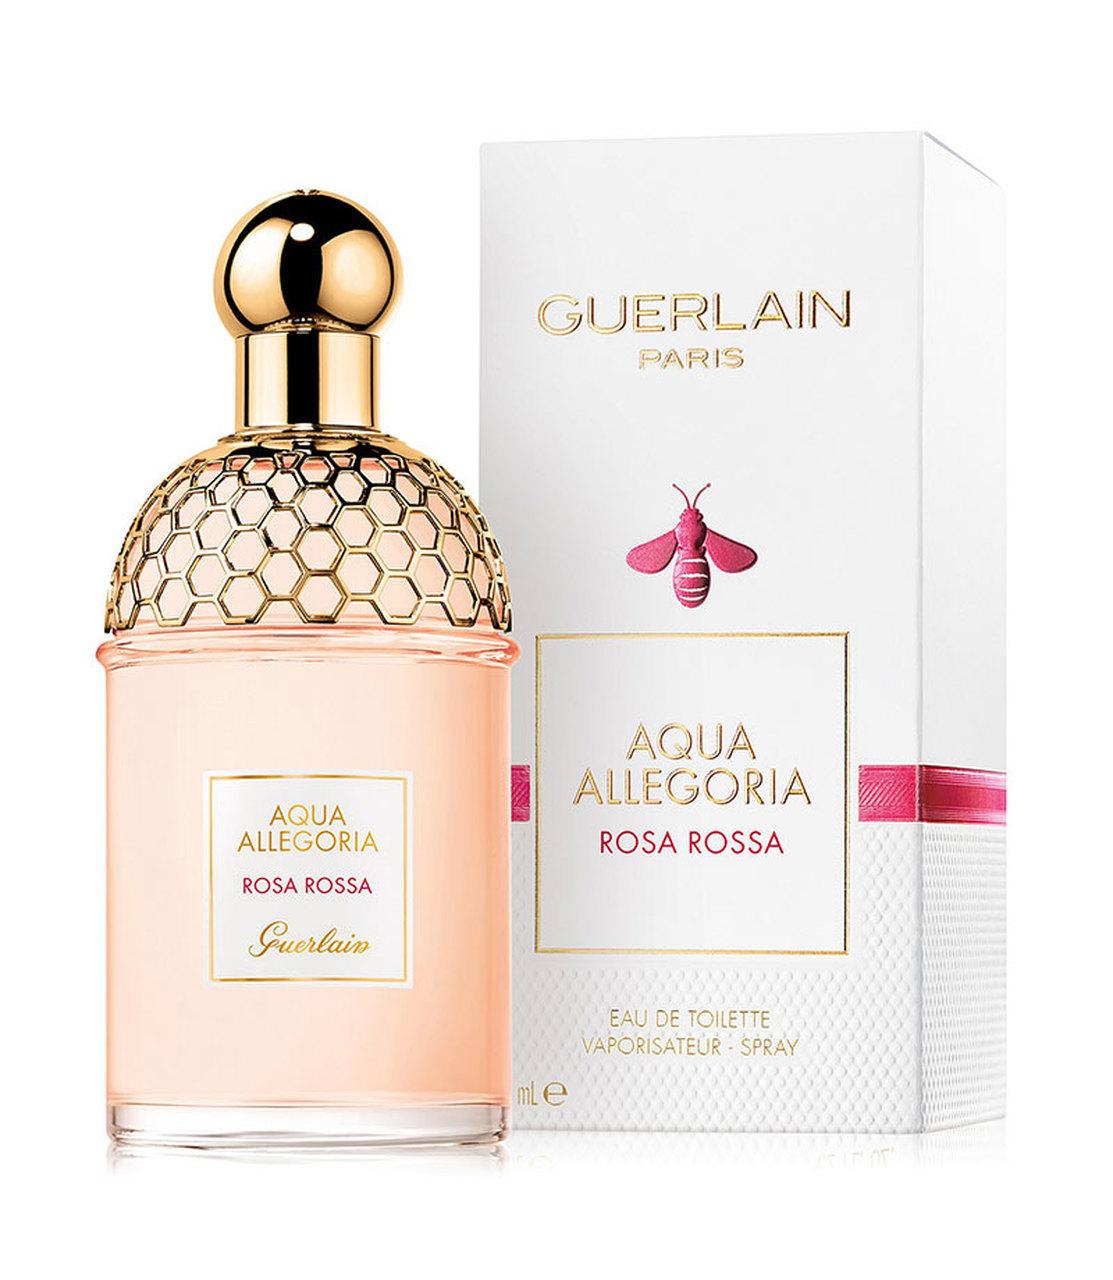 Guerlain Aqua Allegoria Rosa Rossa EDT